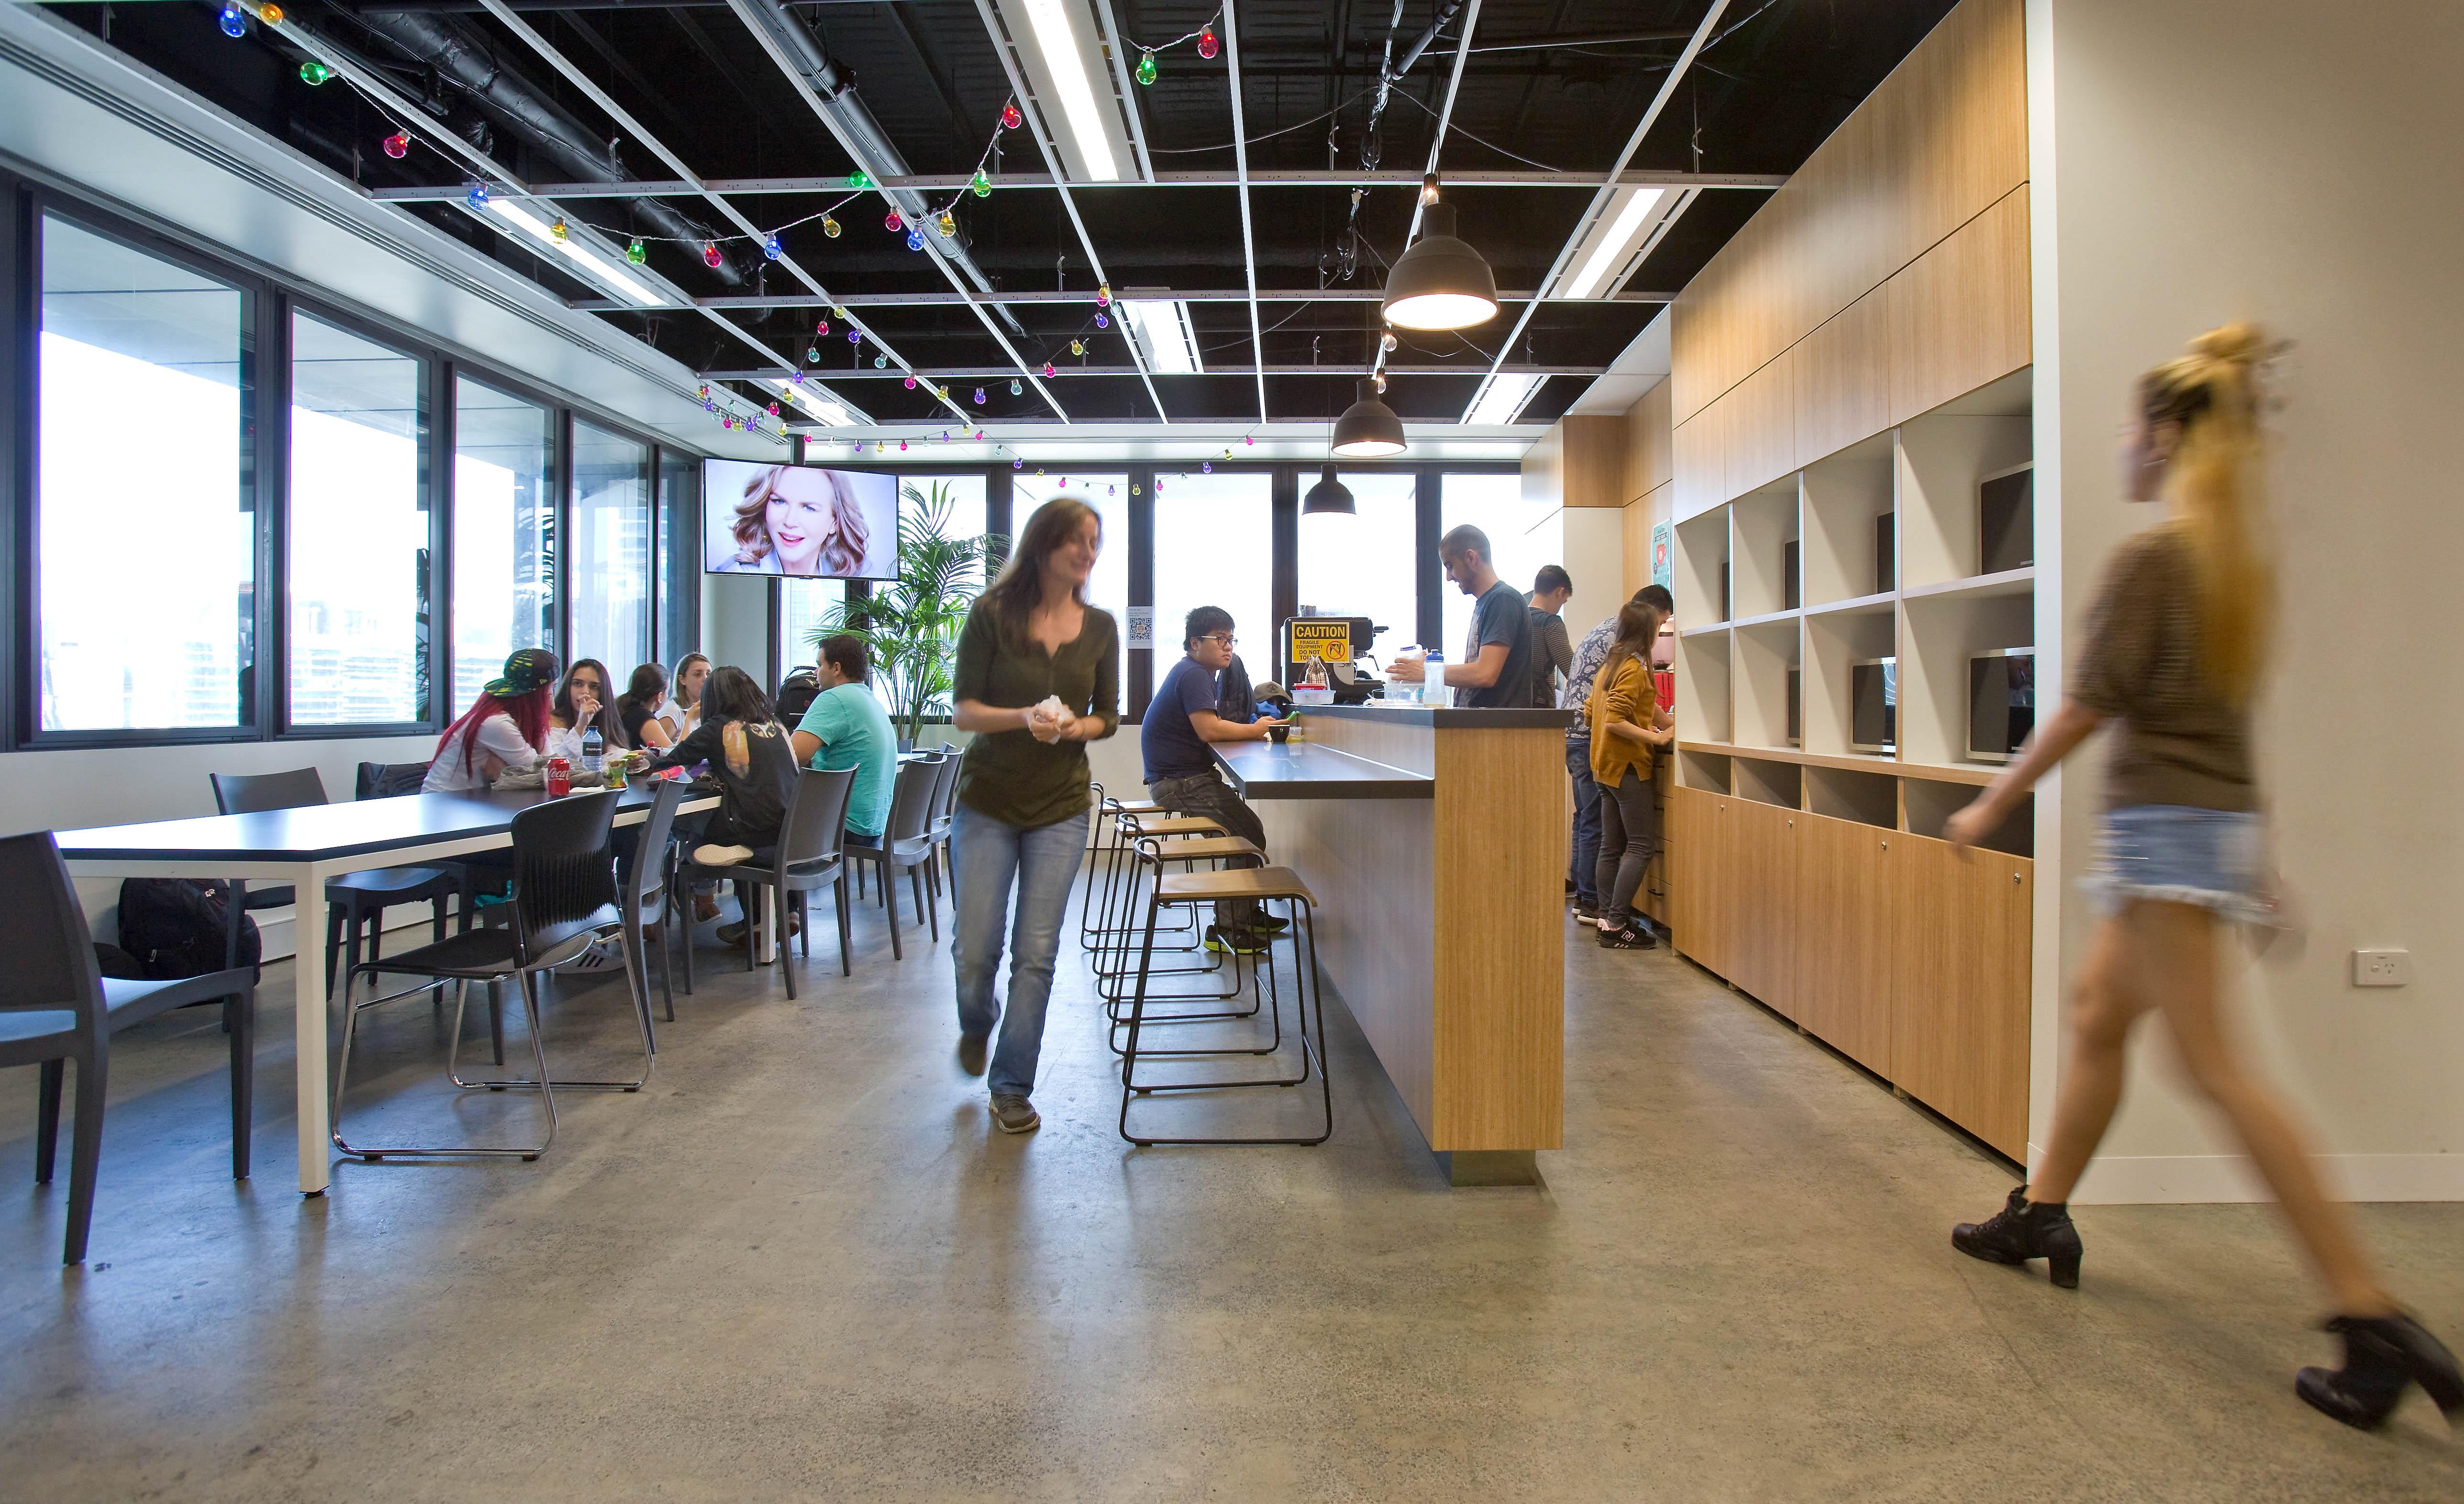 ilsc-melbourne-campus-kitchen-3